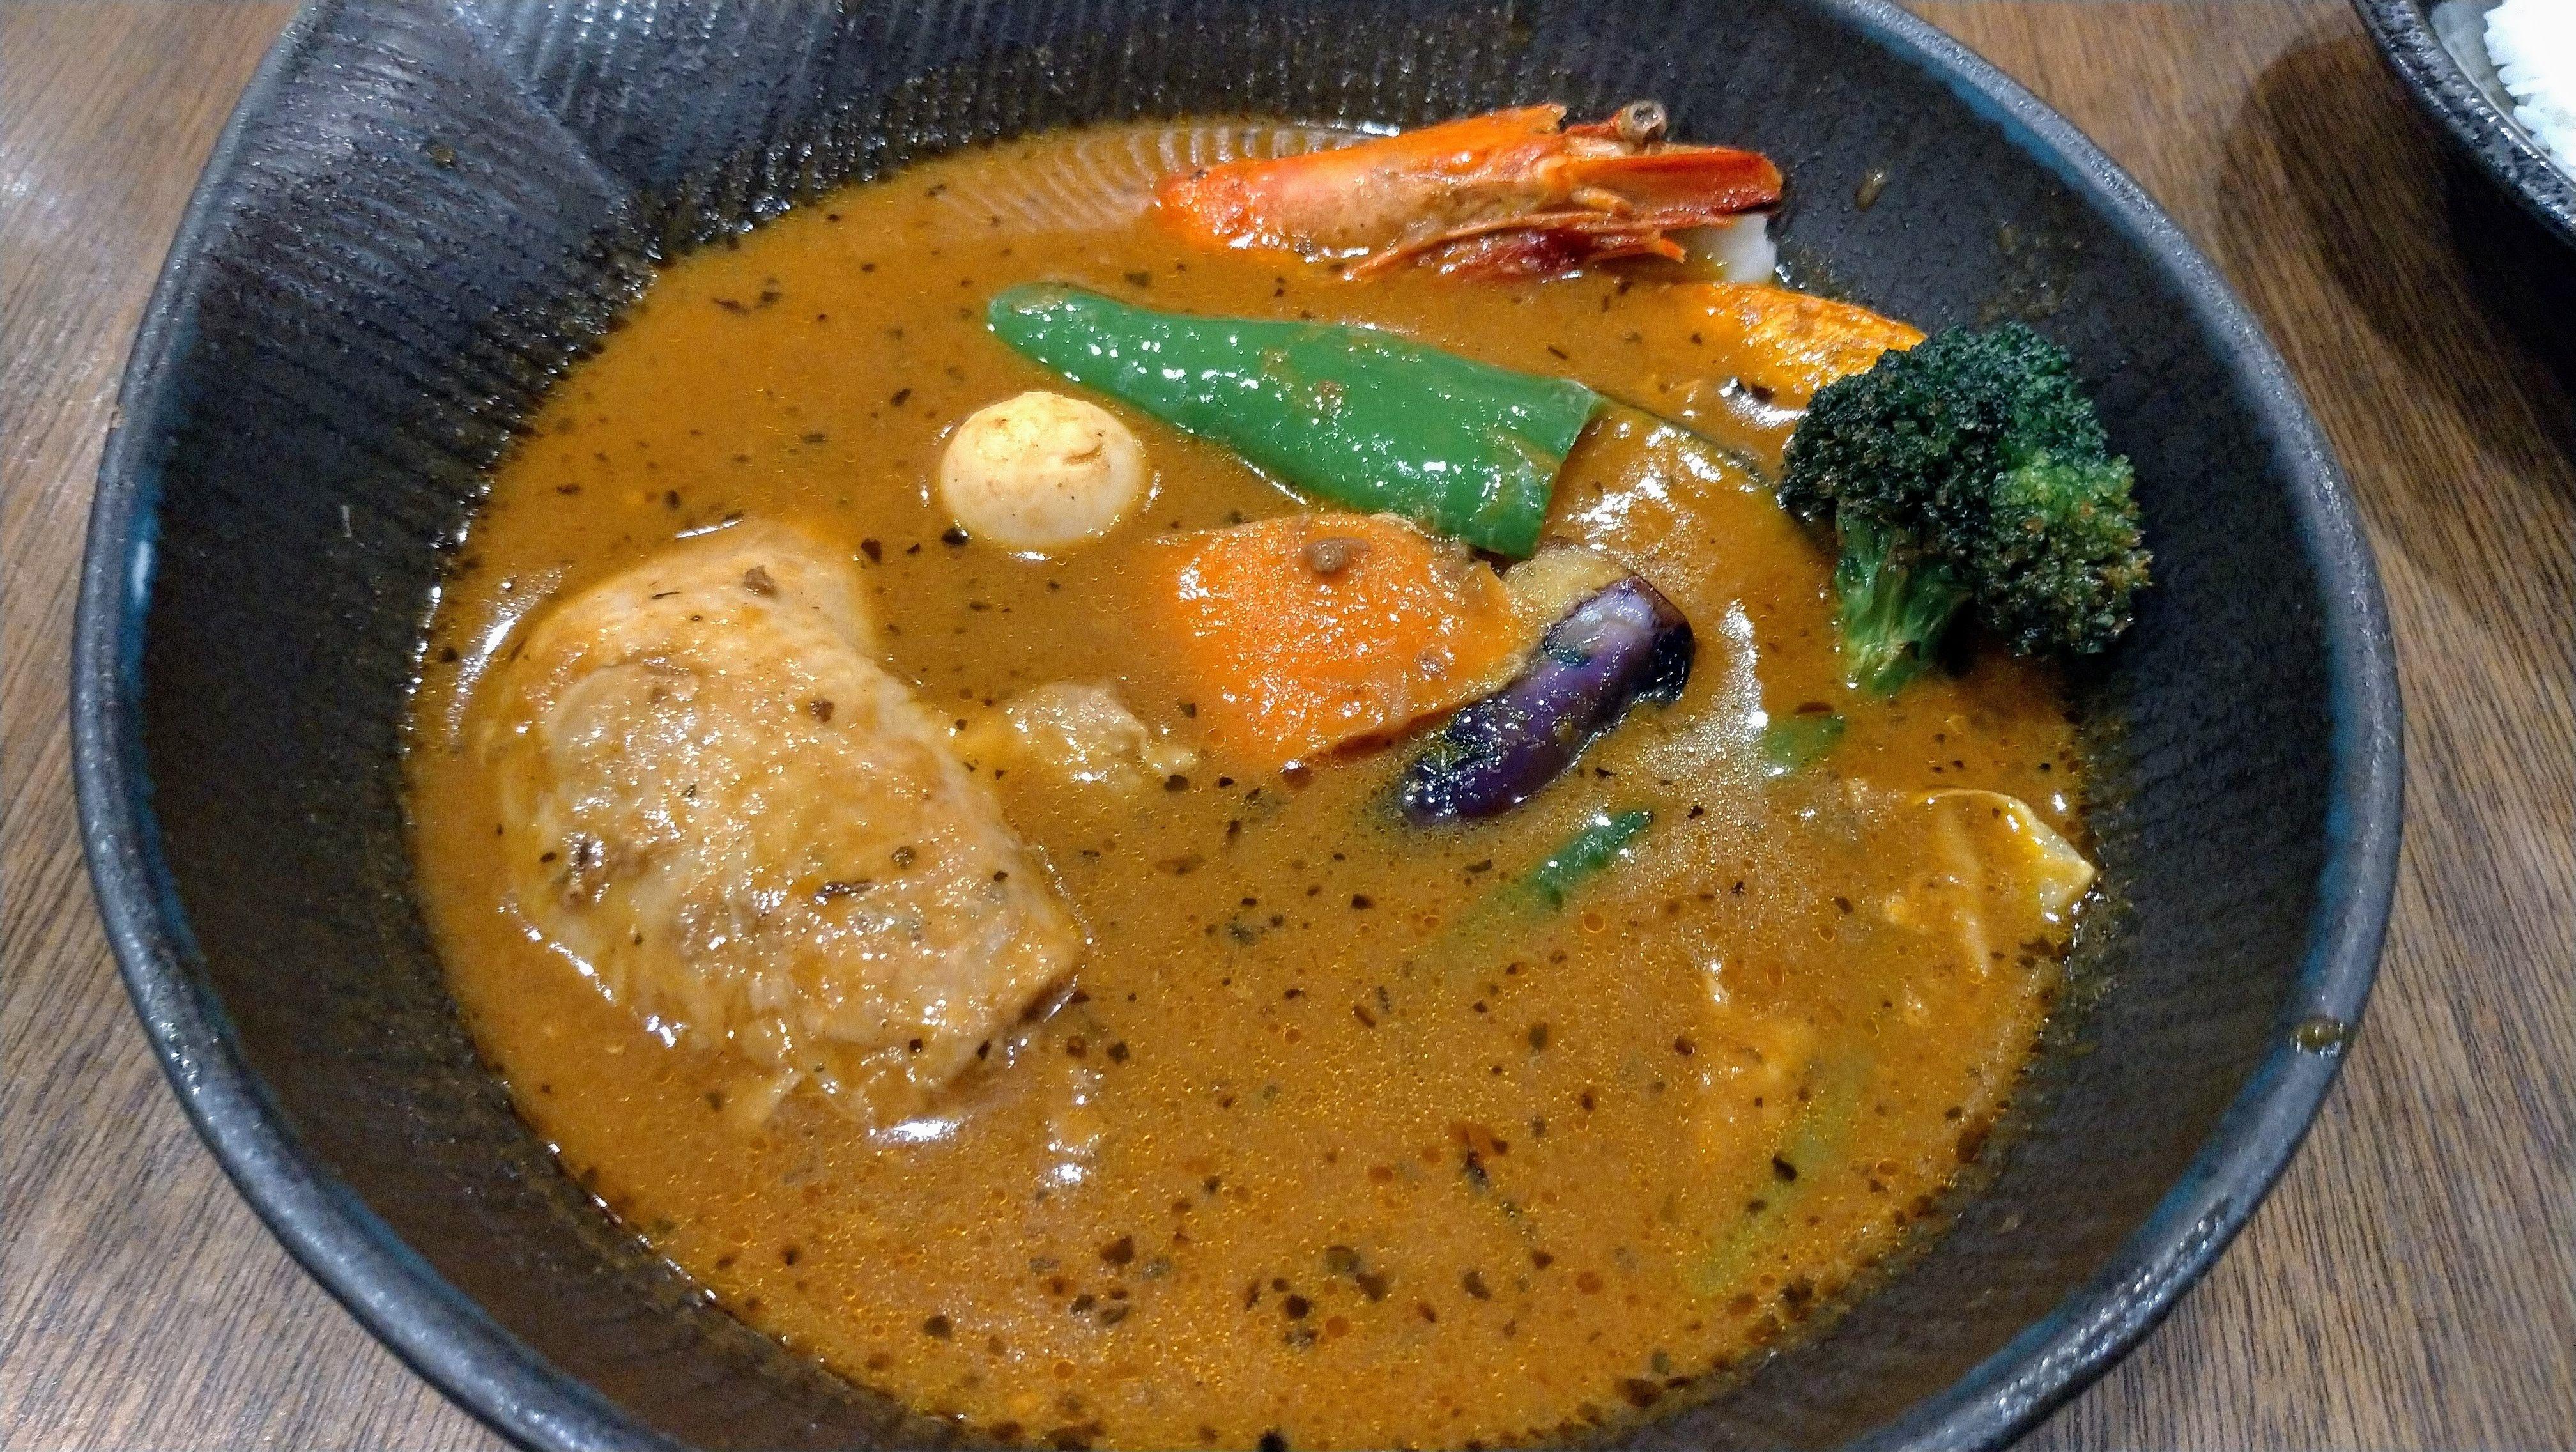 安倍総理も食べた新千歳空港スープカレーlaviのチキンカレー カレー スープカレー チキンカレー